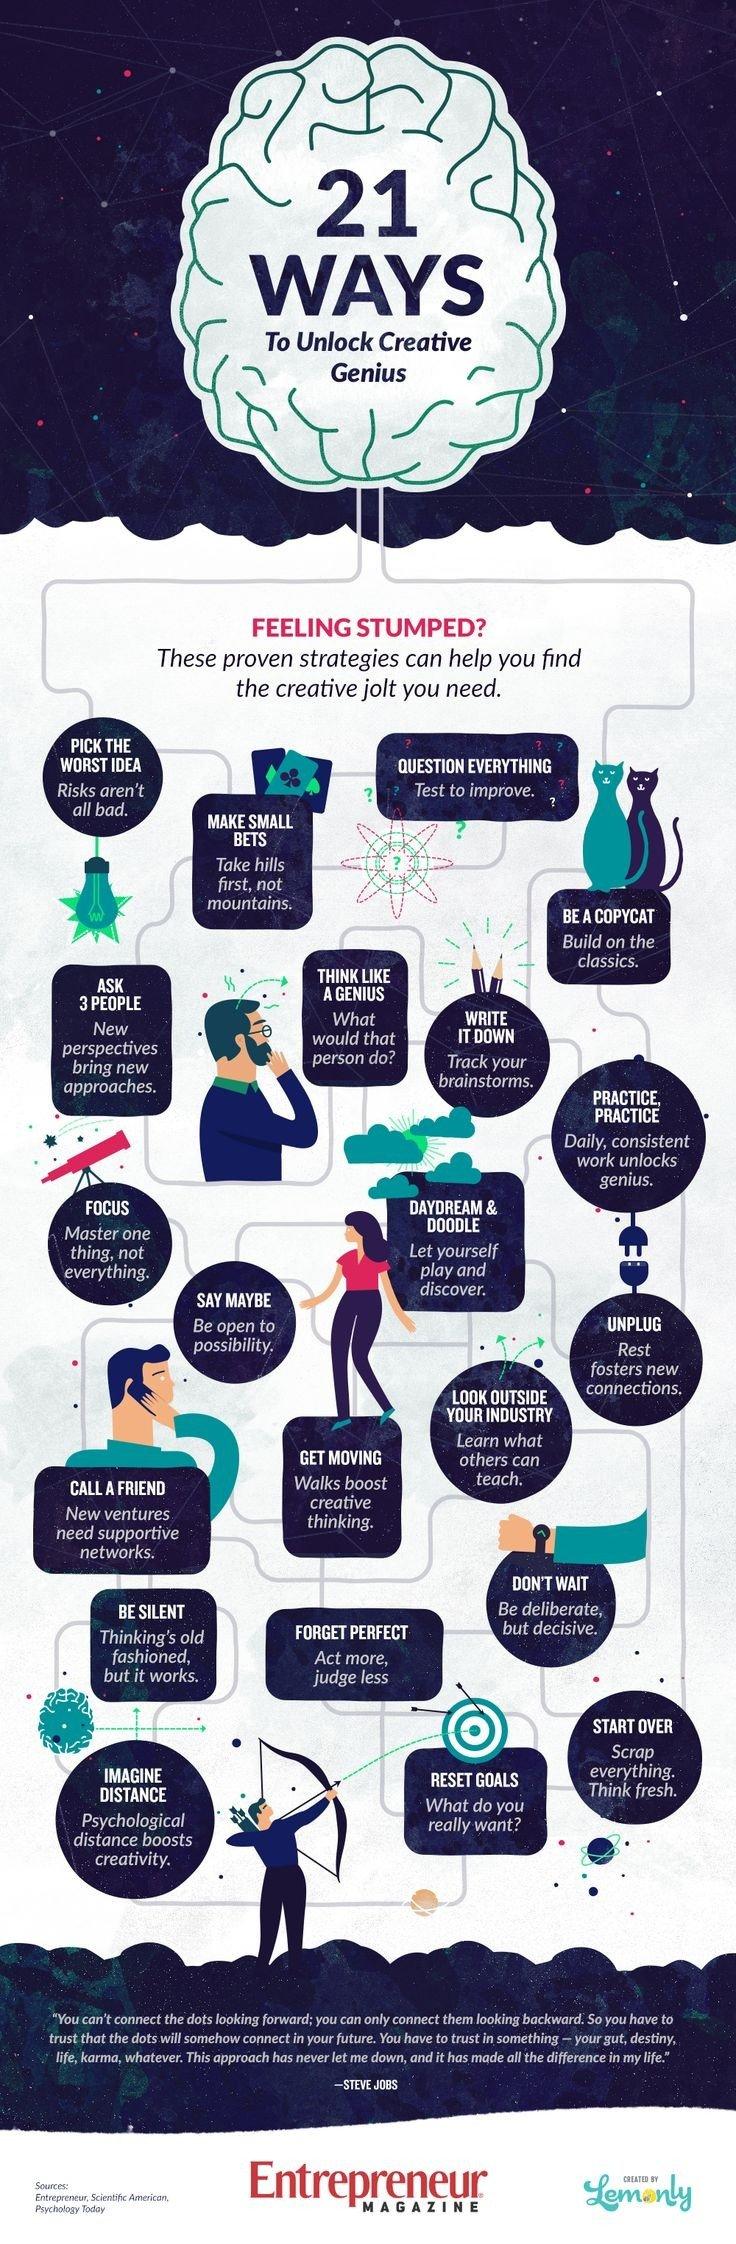 Twenty ways to unlock creative genious #Infographic